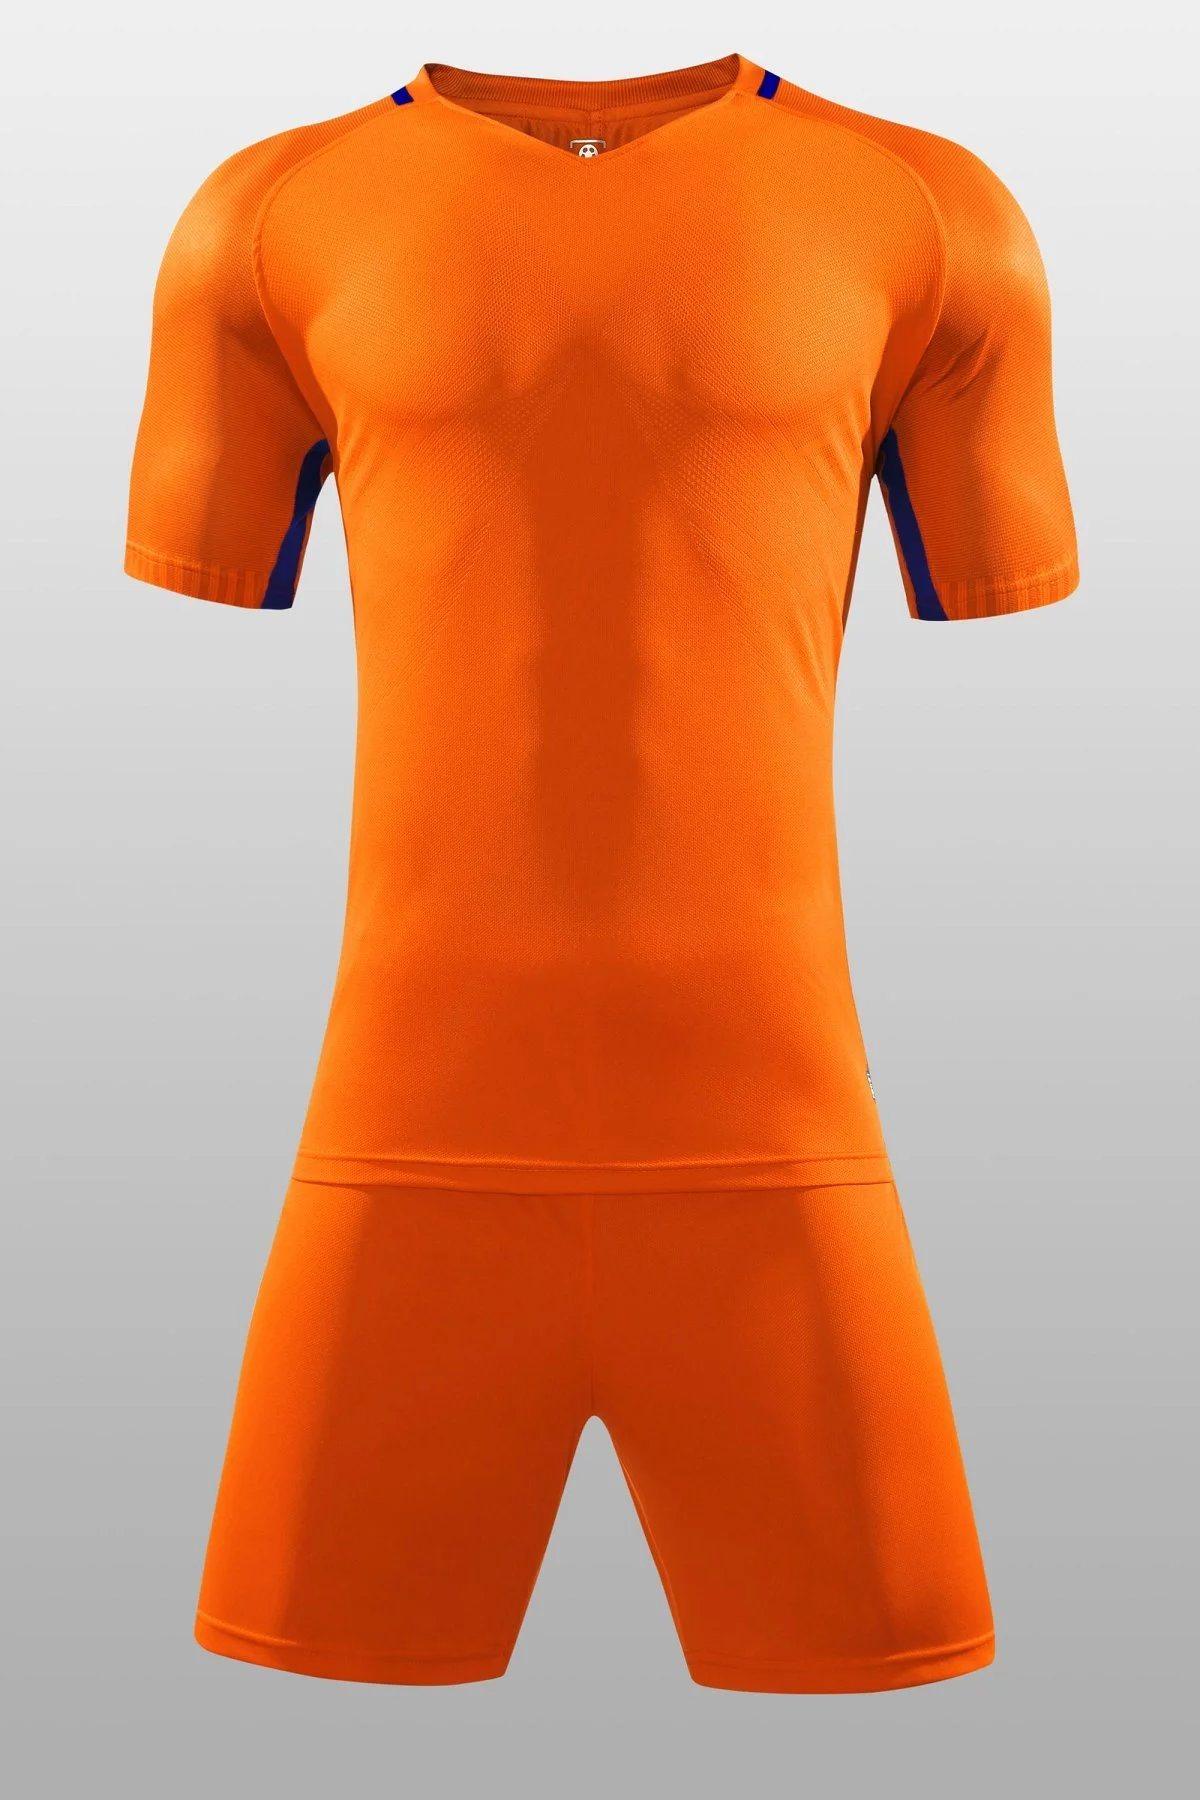 77873910f7d97 Foto de Camiseta de fútbol baratas Camisetas de fútbol